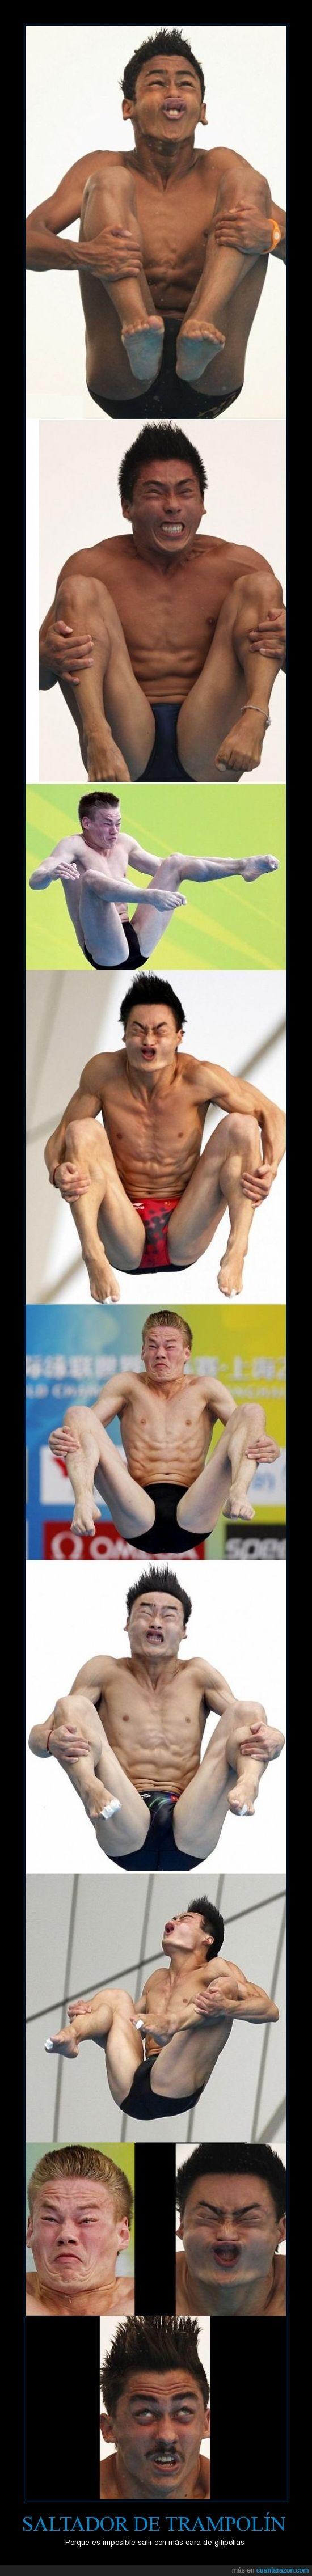 caras,chinos,graciosas,shangai,trampolin